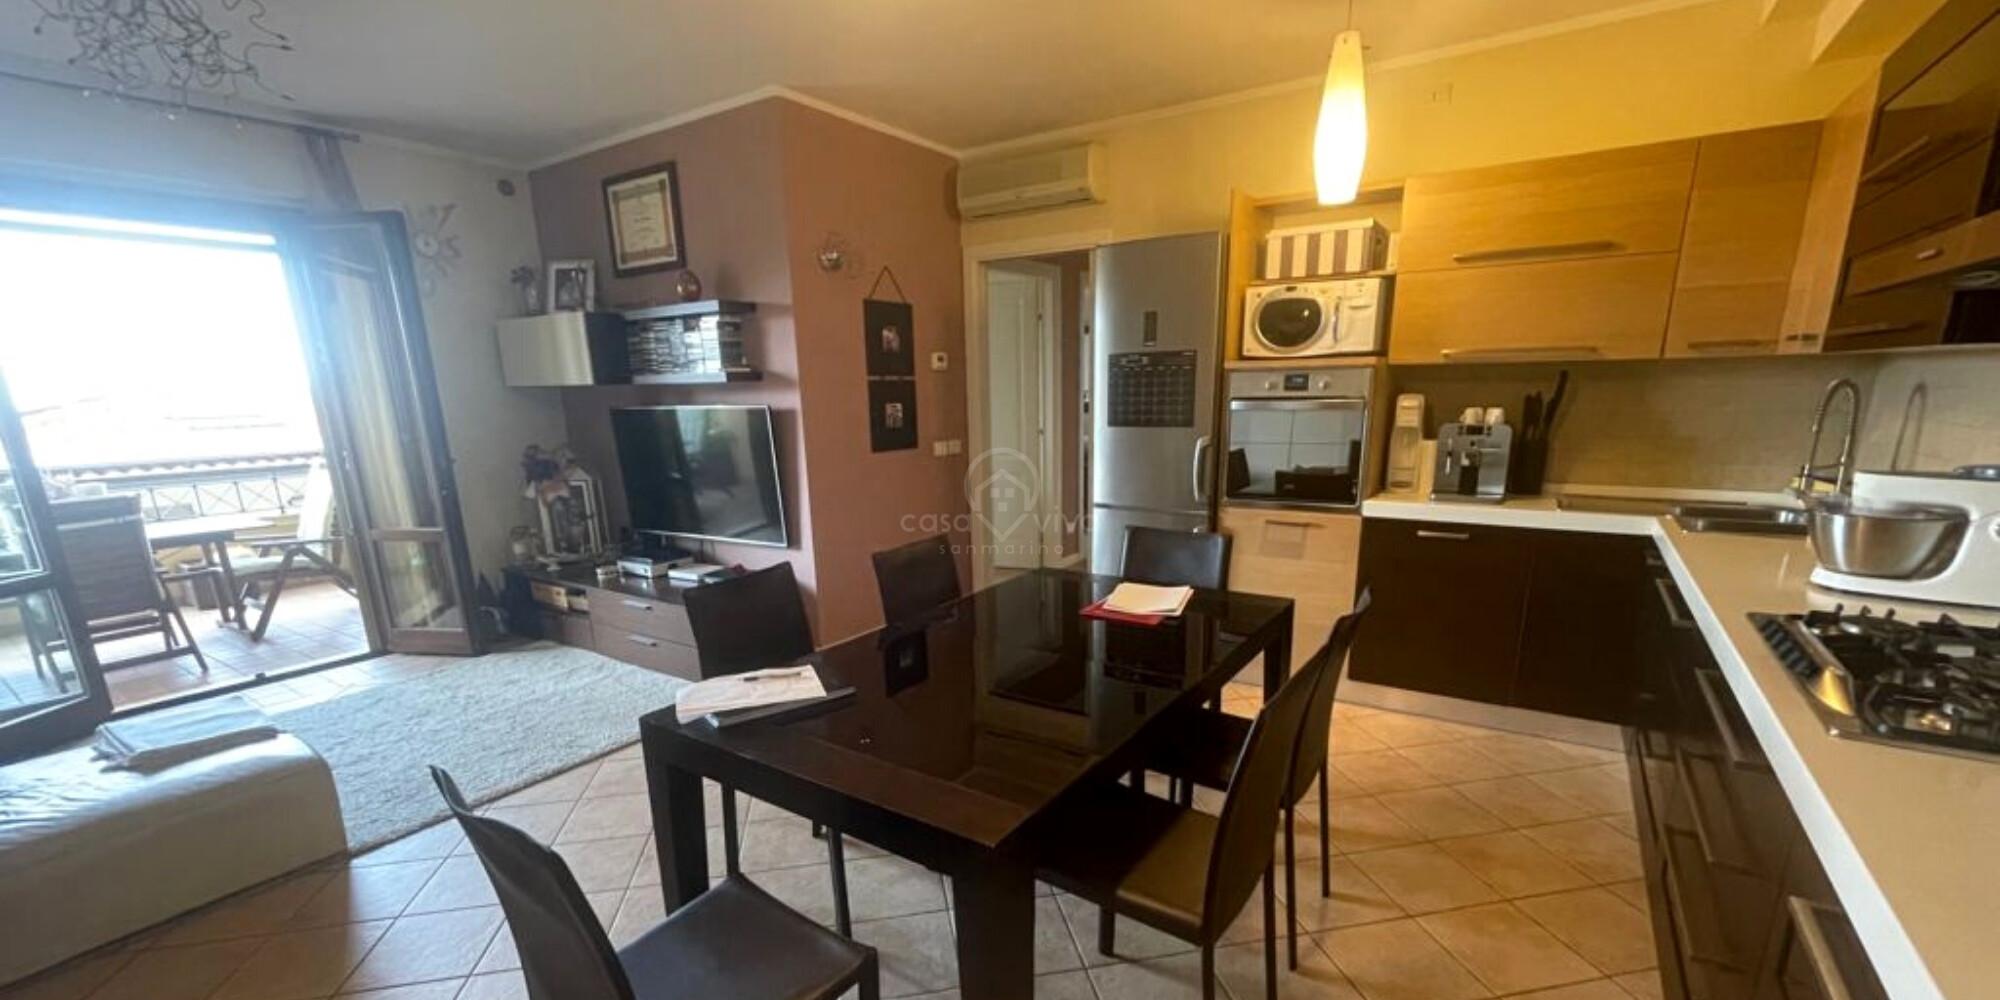 Borgo Maggiore: spazioso appartamento di 89mq, zona tranquilla e splendida vista